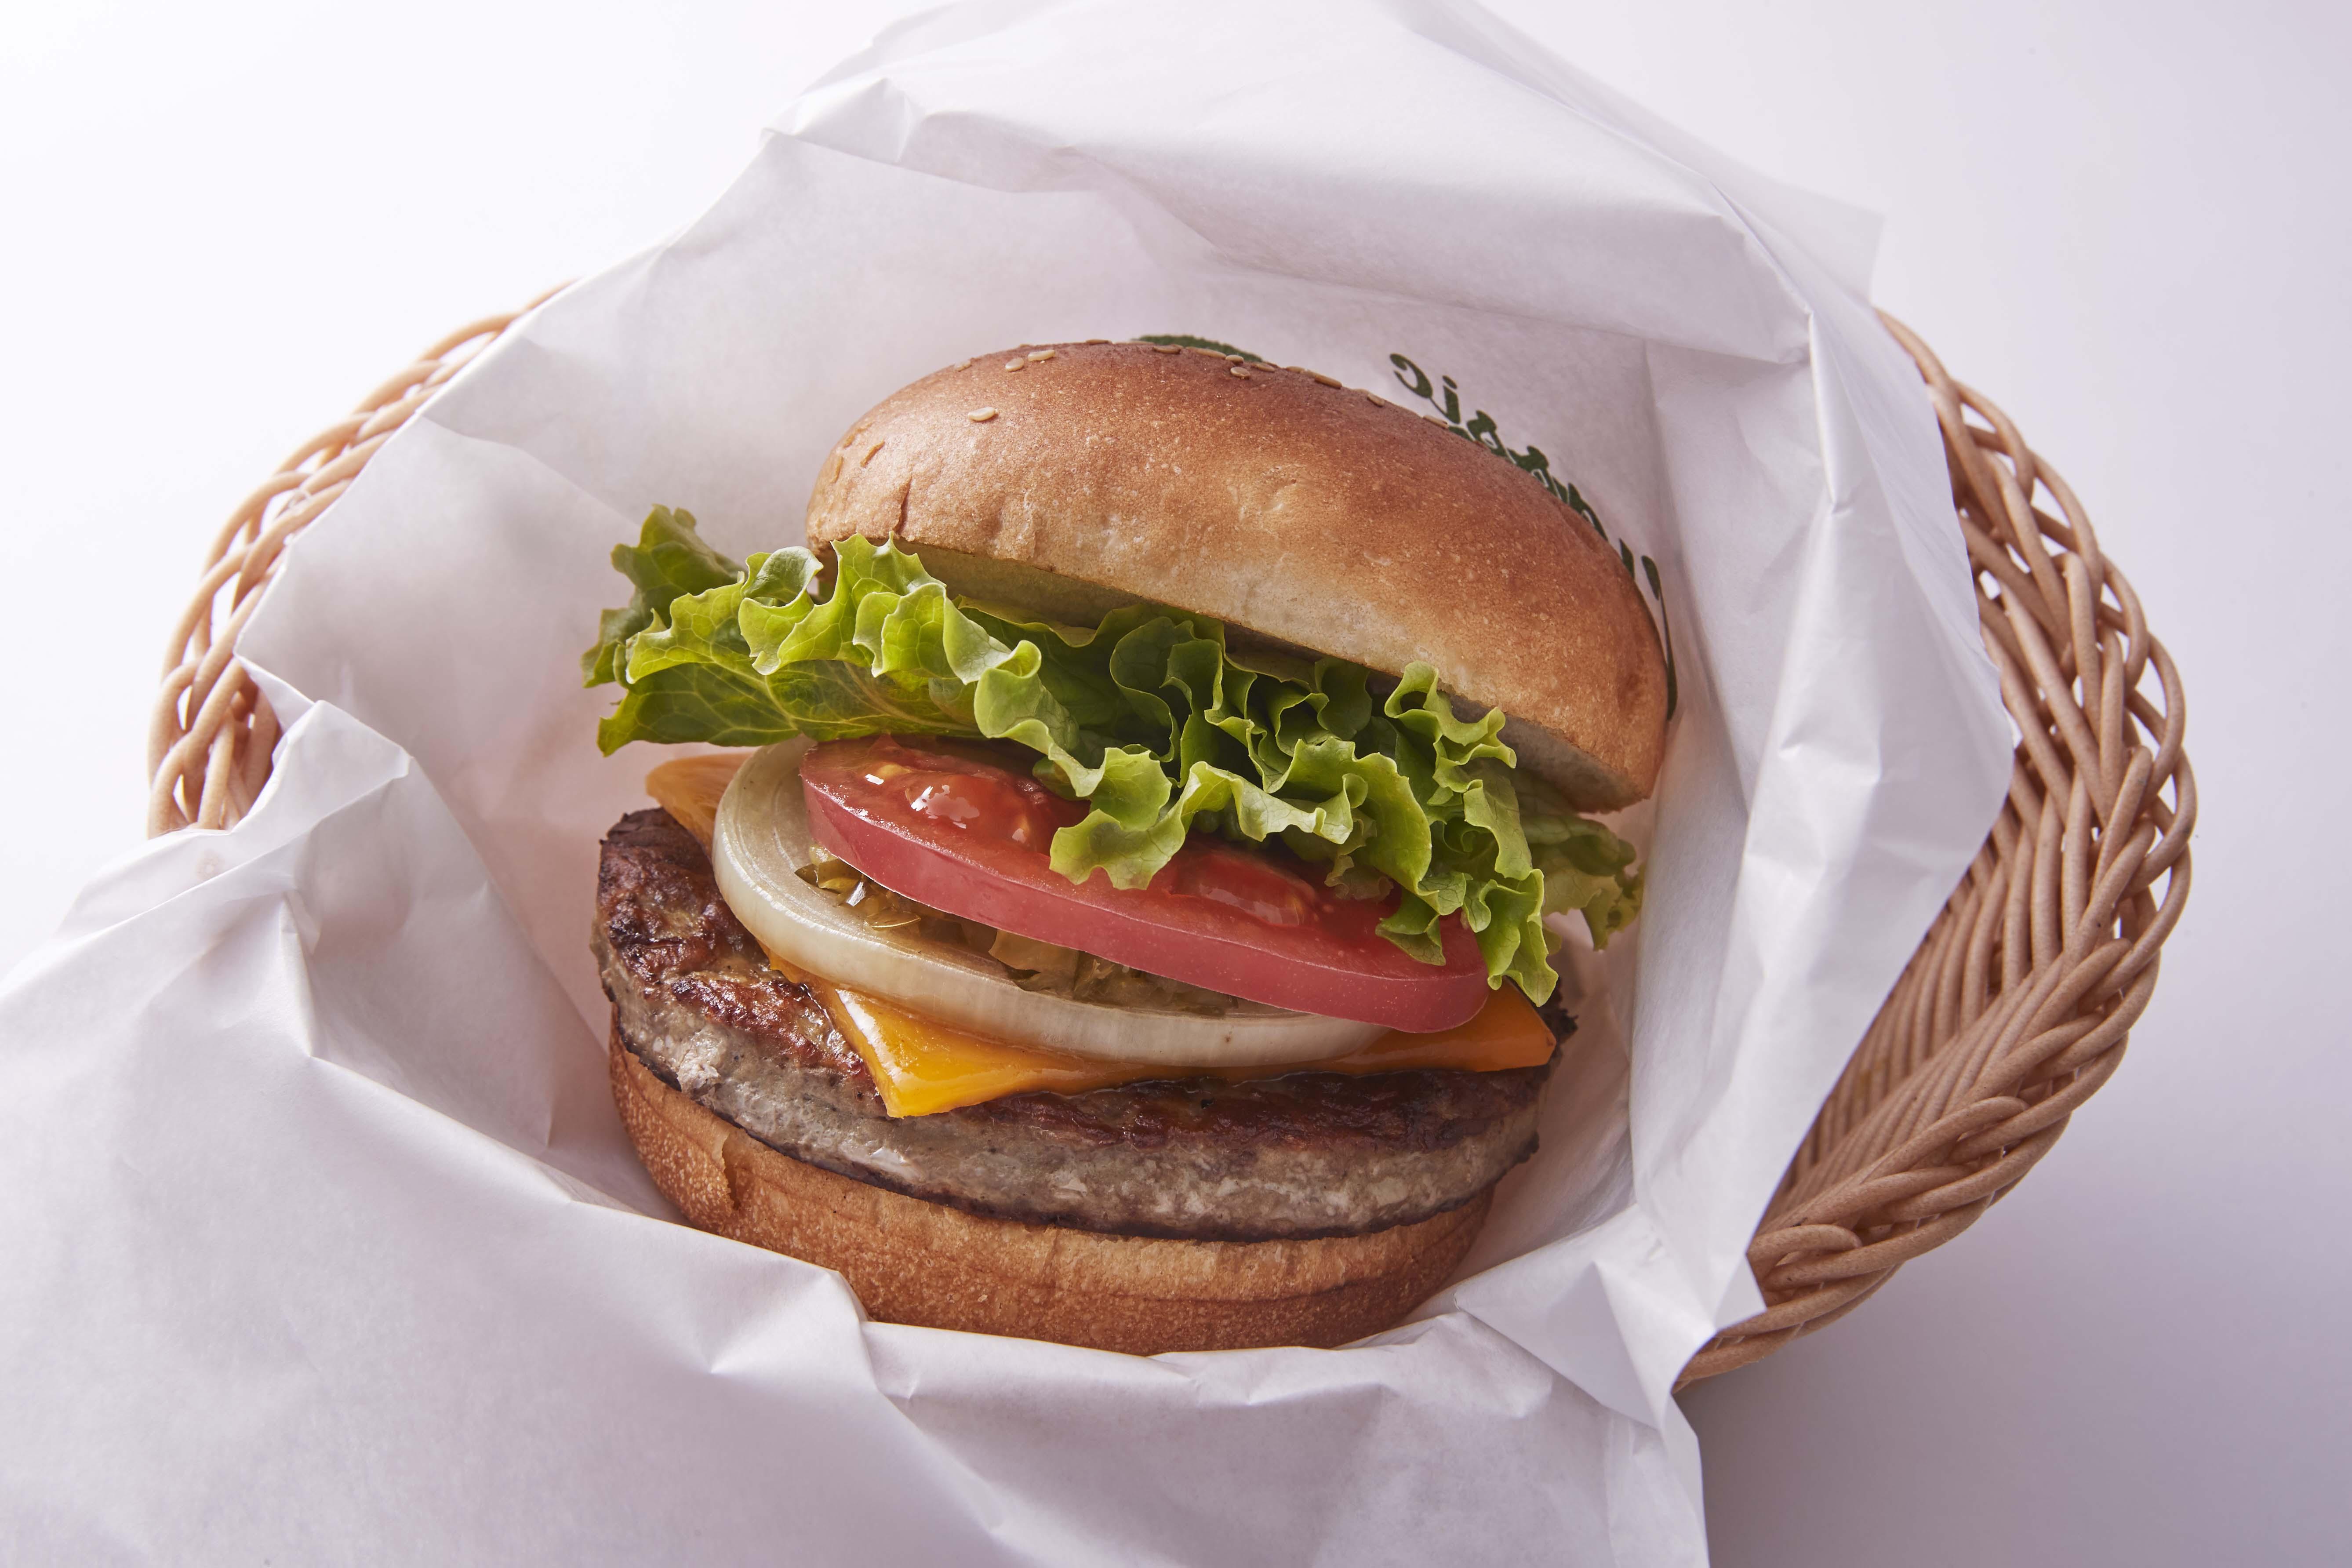 Foods & Shop - Item - クラシックチーズバーガー